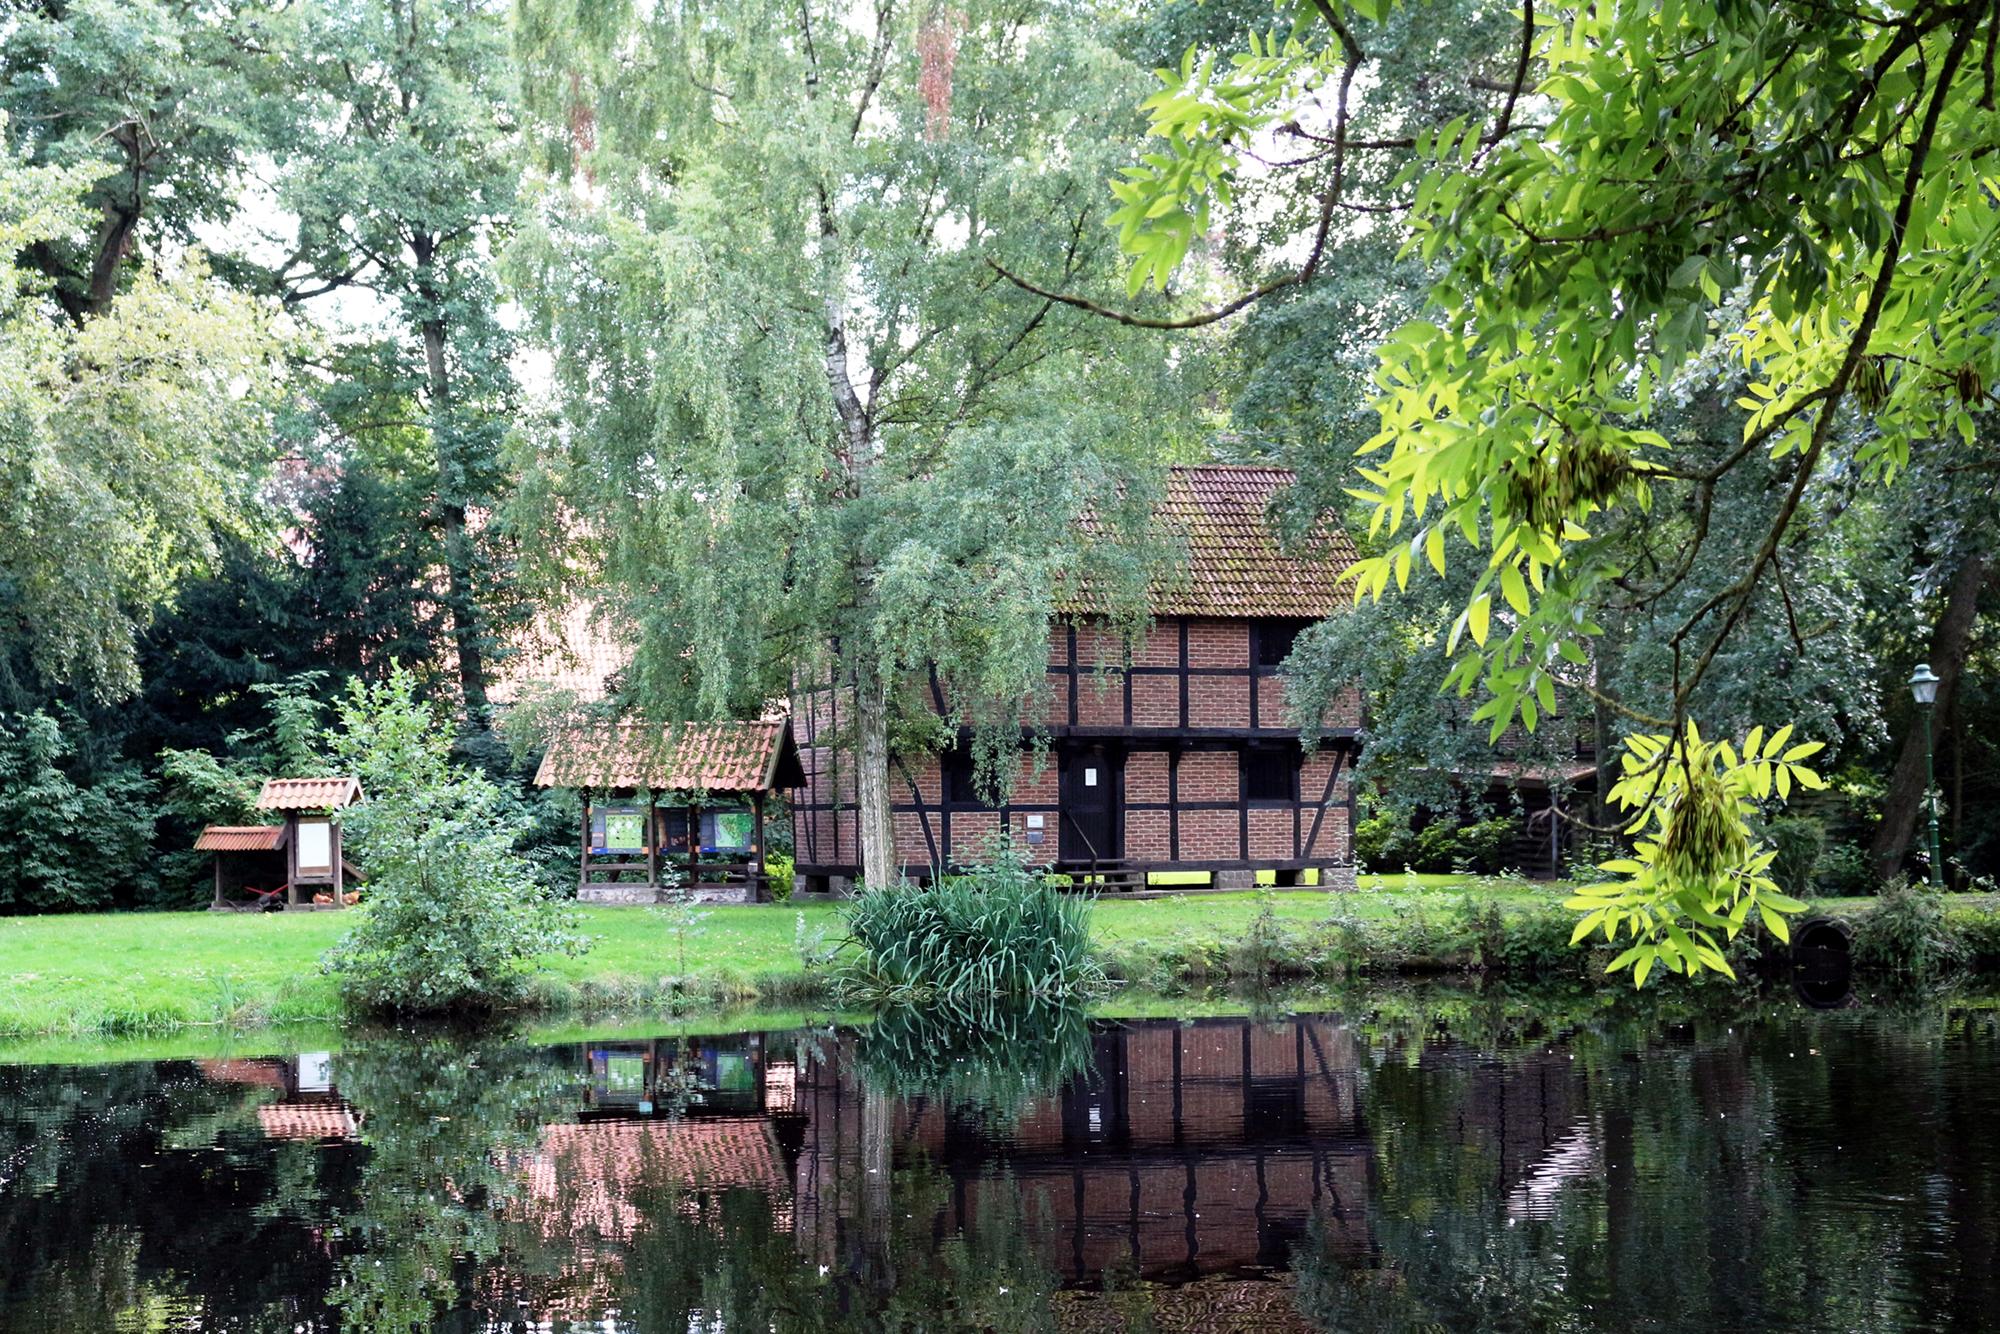 Teich am Haus der Landschaft